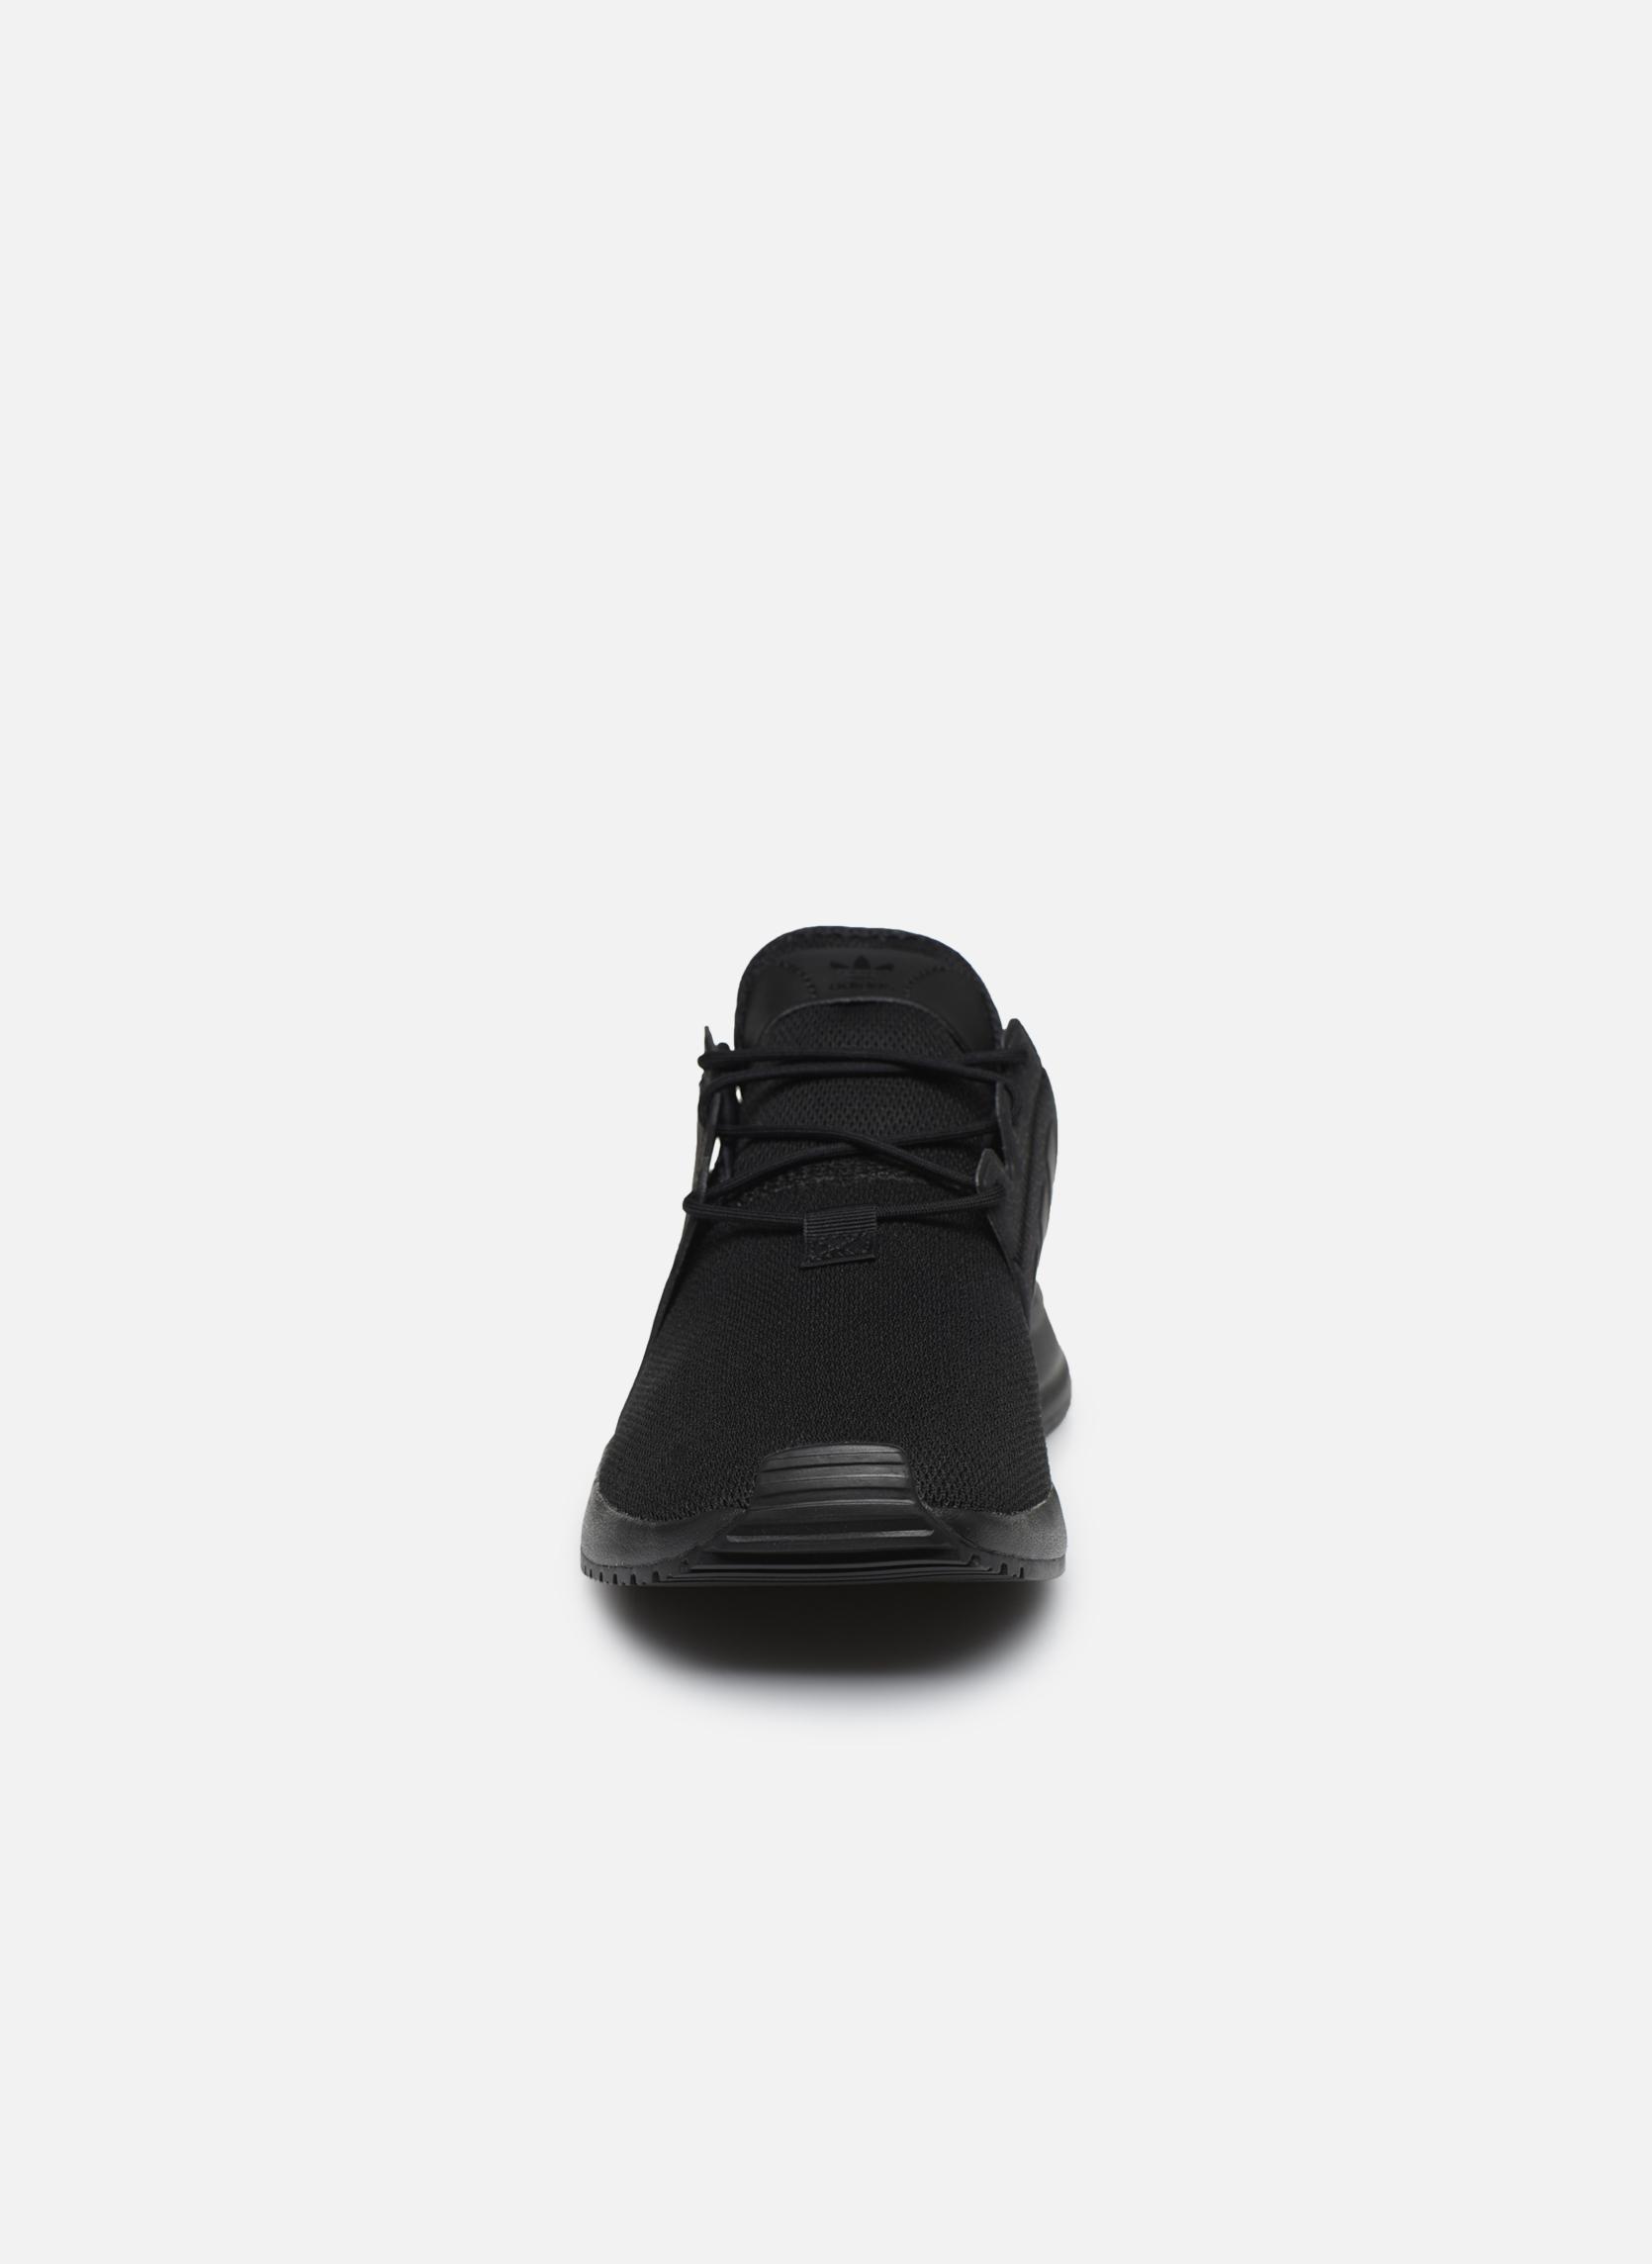 Blavin/Ftwbla/Noiess Adidas Originals X_Plr (Blanc)